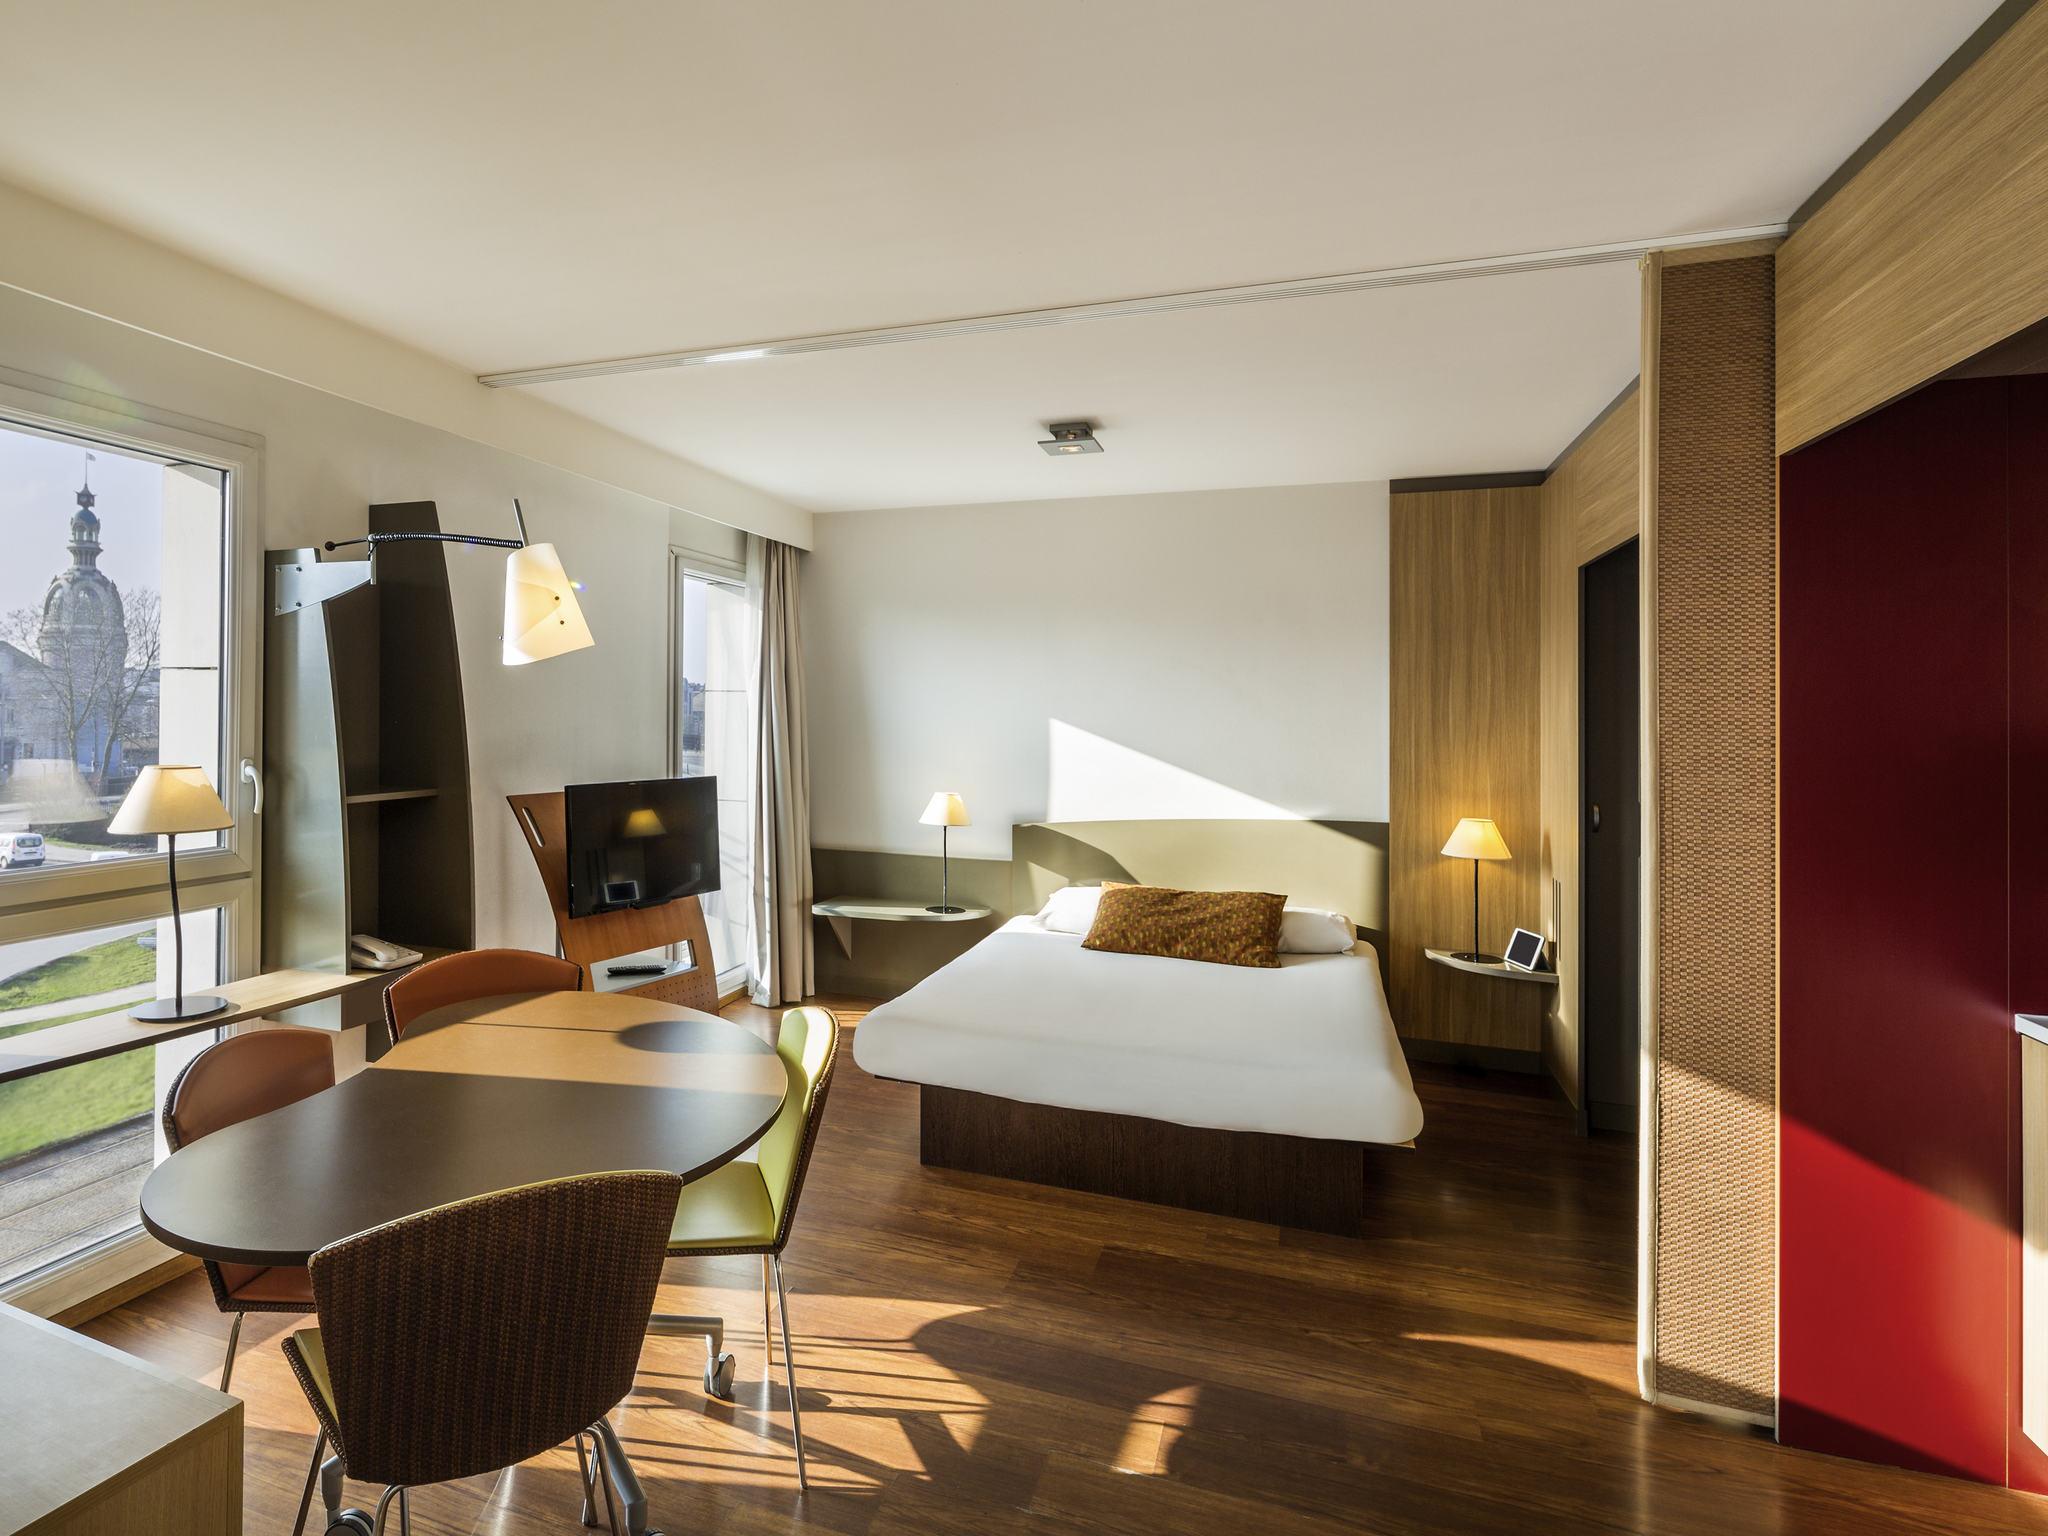 Hotel in nantes aparthotel adagio nantes centre for Aparthotel nantes